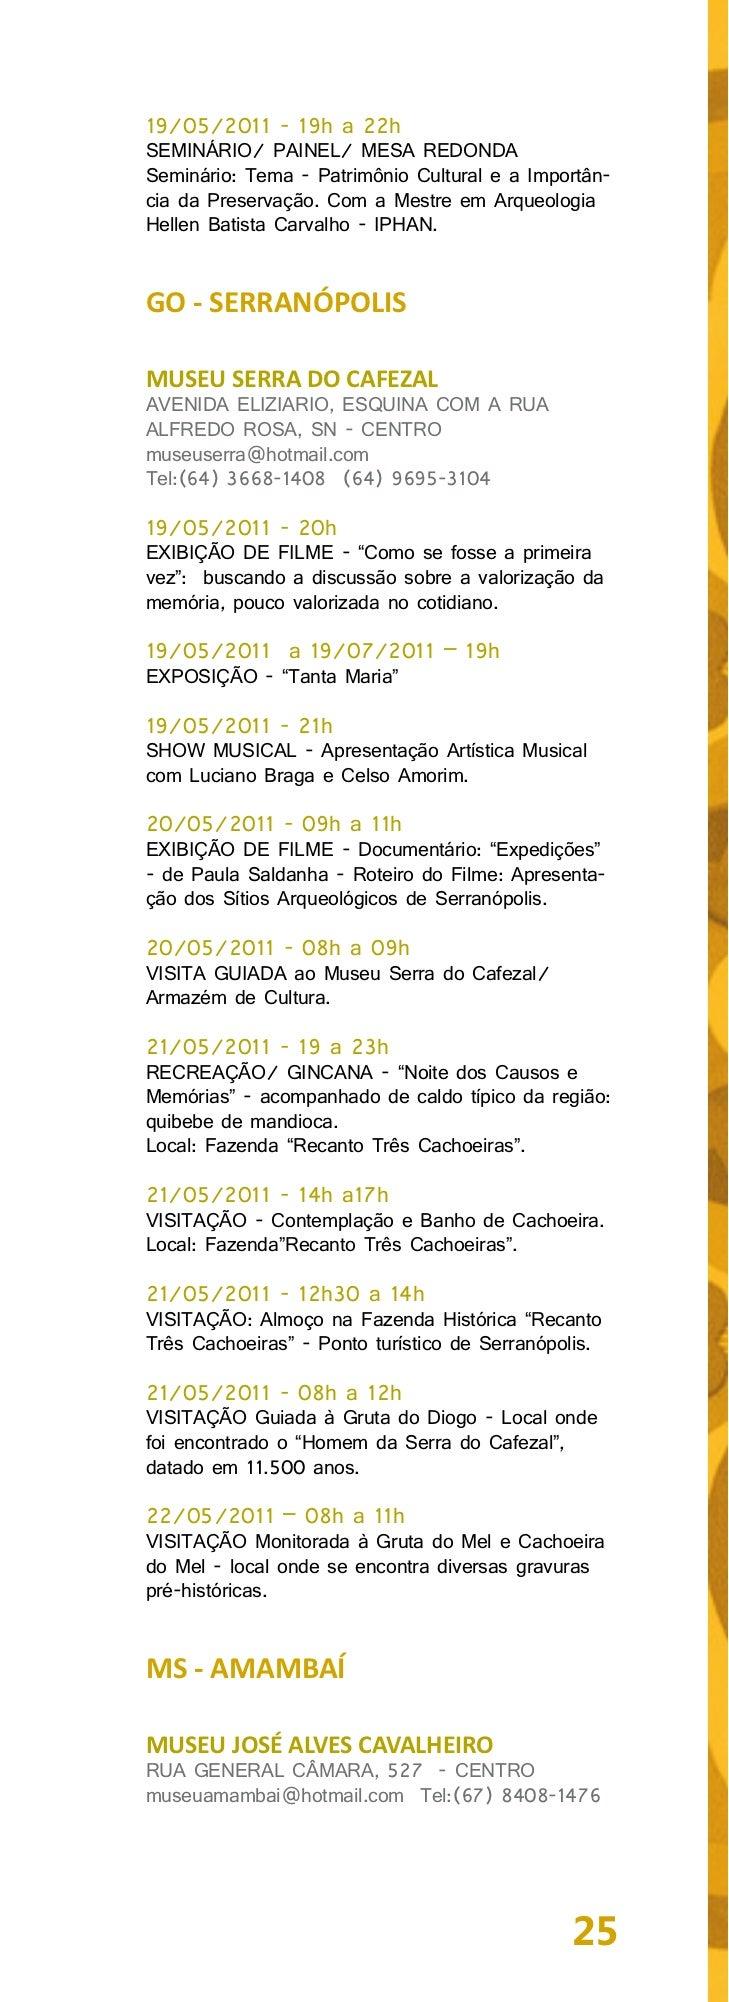 01/03/2011 a 09/04/2011 – 08h a 18hCONCURSO de Redação José Alves Cavalheiro. AMemória de um Fundador visa despertar noses...